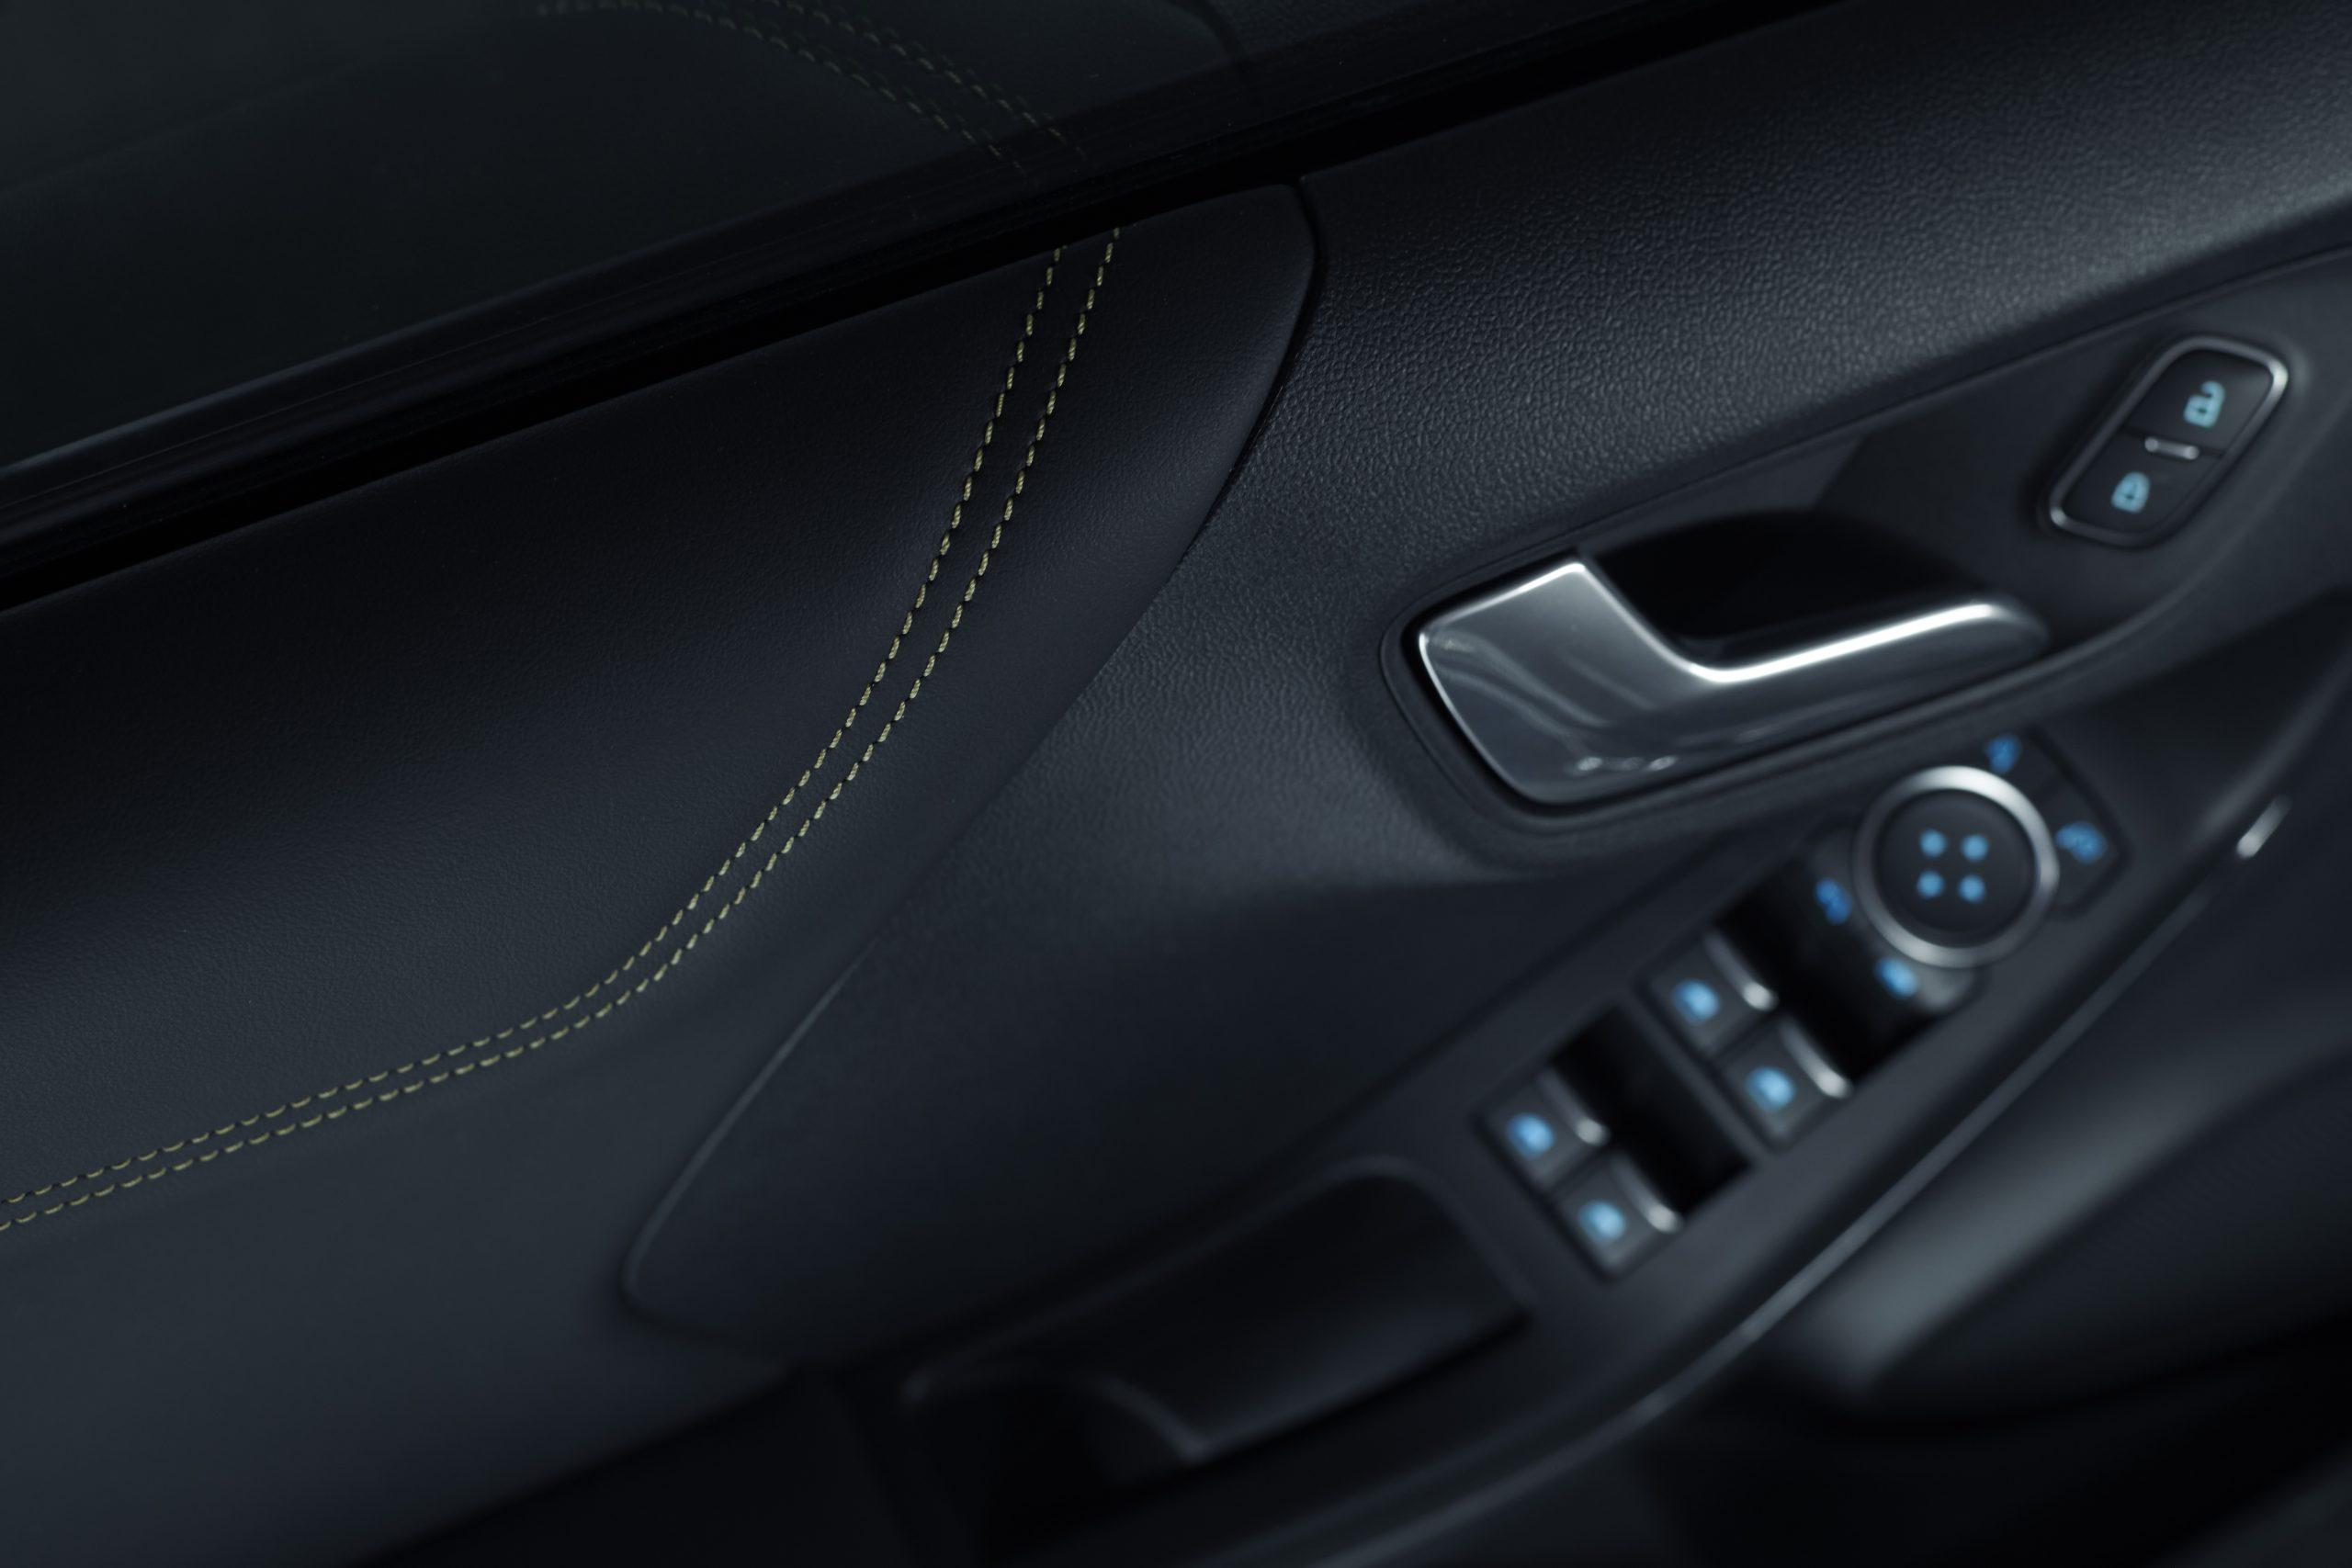 2021 FORD PUMA ST SIP 32 scaled Έρχεται το Ford Puma ST Gold Edition! Ford, Ford Puma, Puma, zblog, ειδήσεις, Νέα